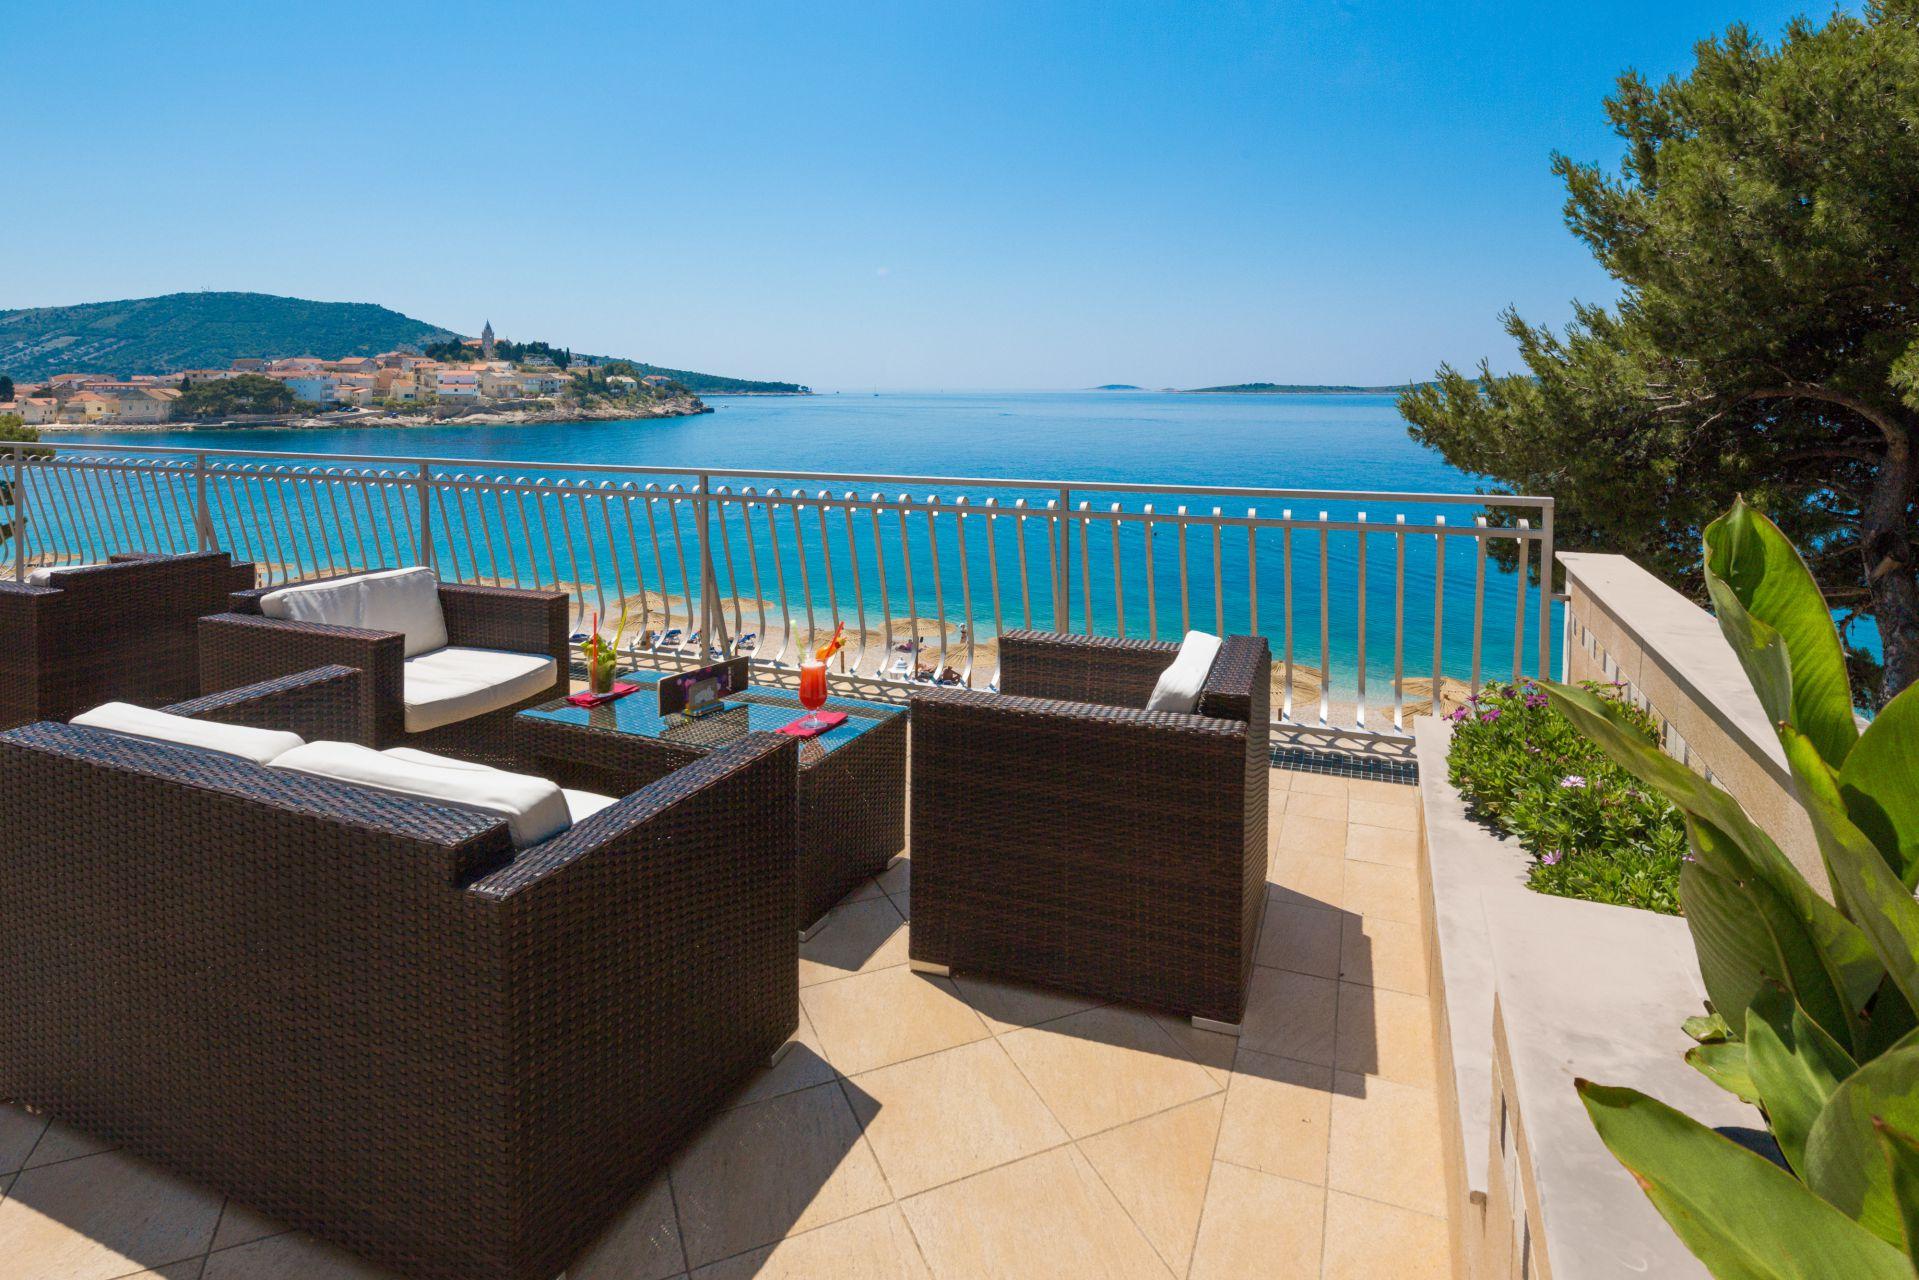 aperitif bar 11 14639168787 o - Zora Hotel